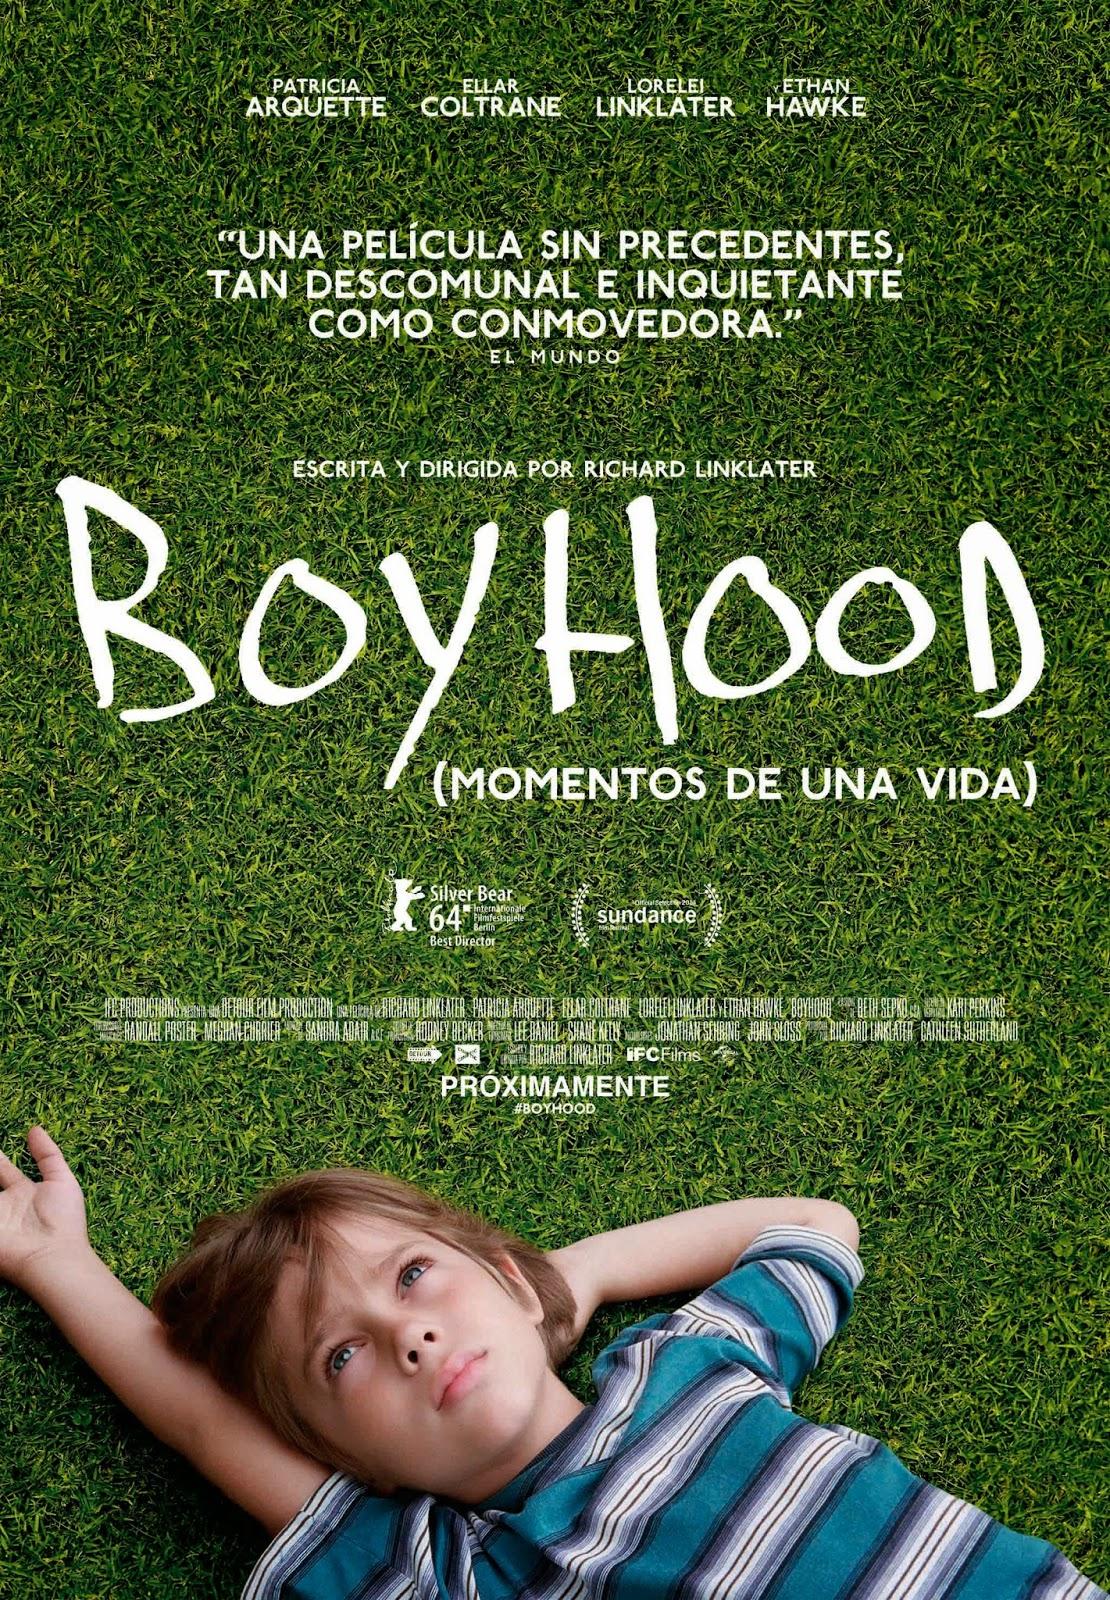 http://accionycine.blogspot.com.es/2015/02/boyhood-momentos-de-una-vida-la-escuela.html